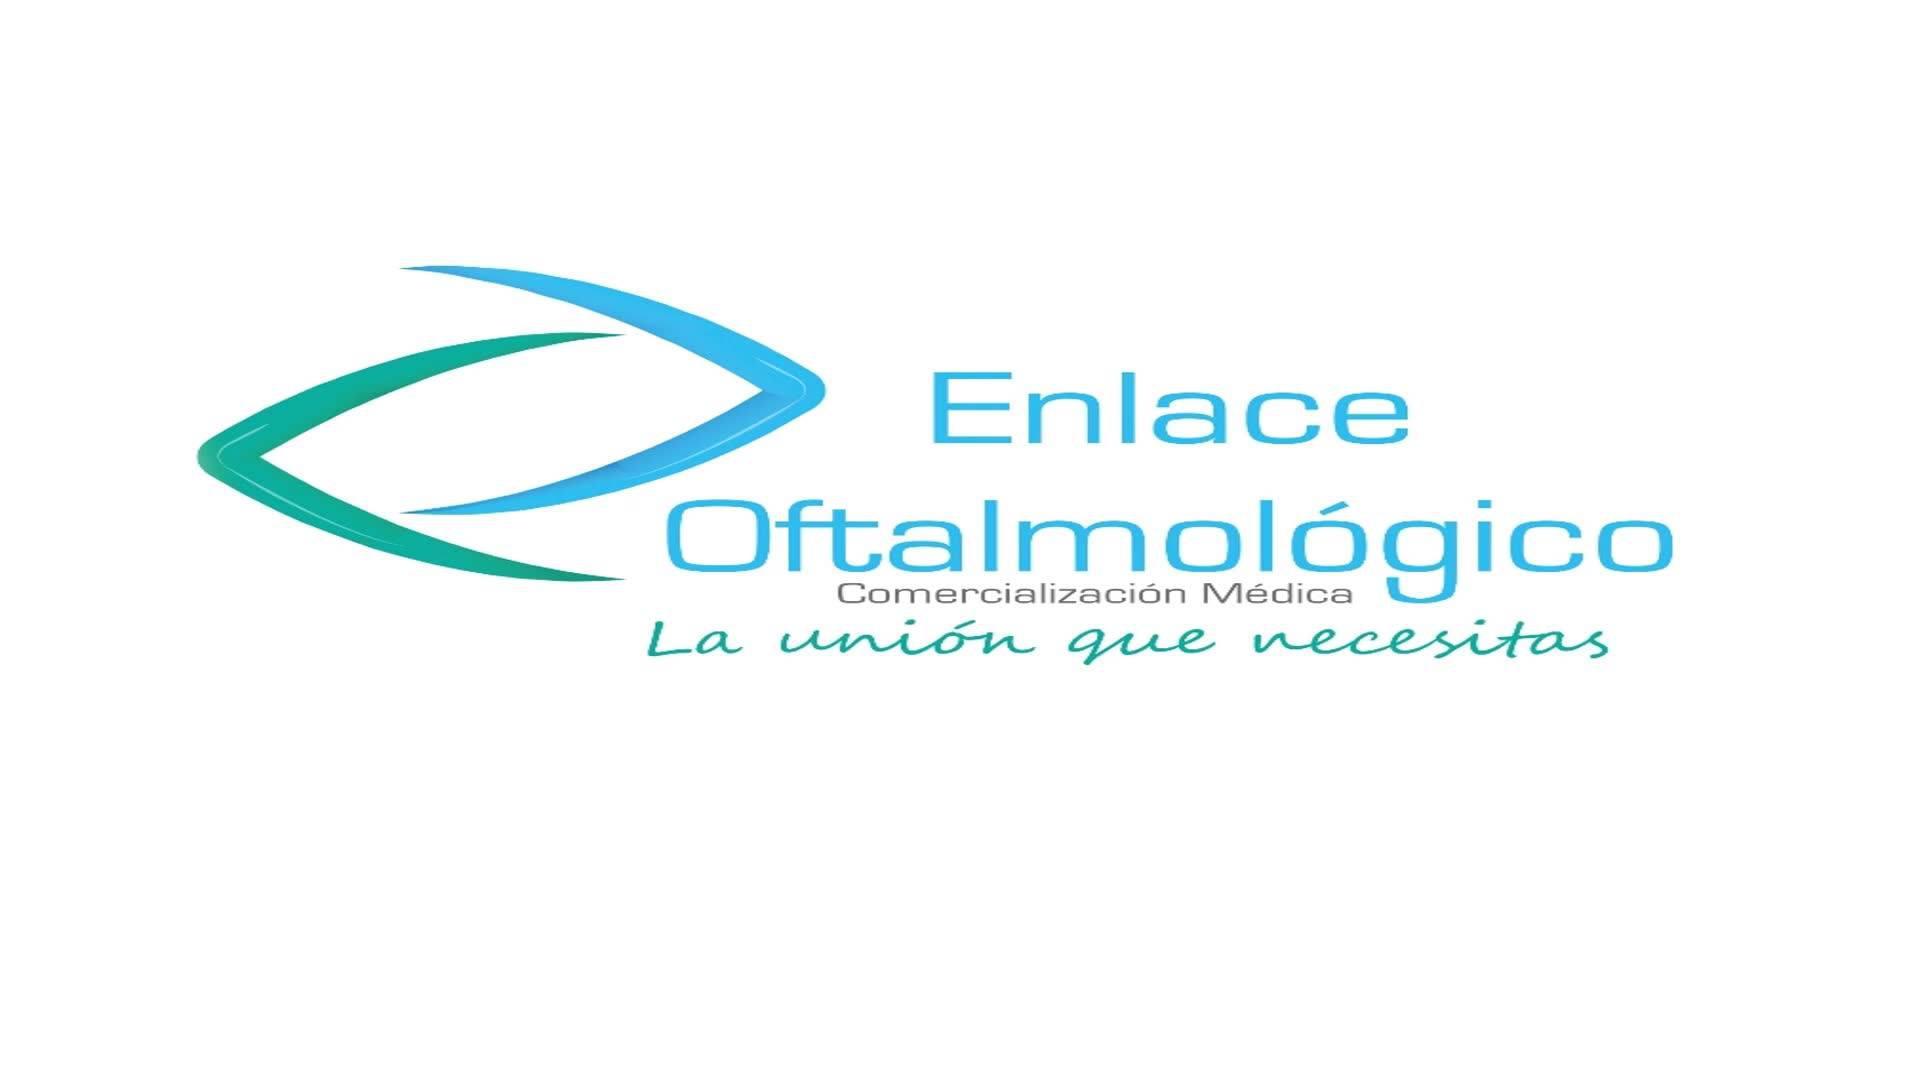 Enlace Oftalmológico